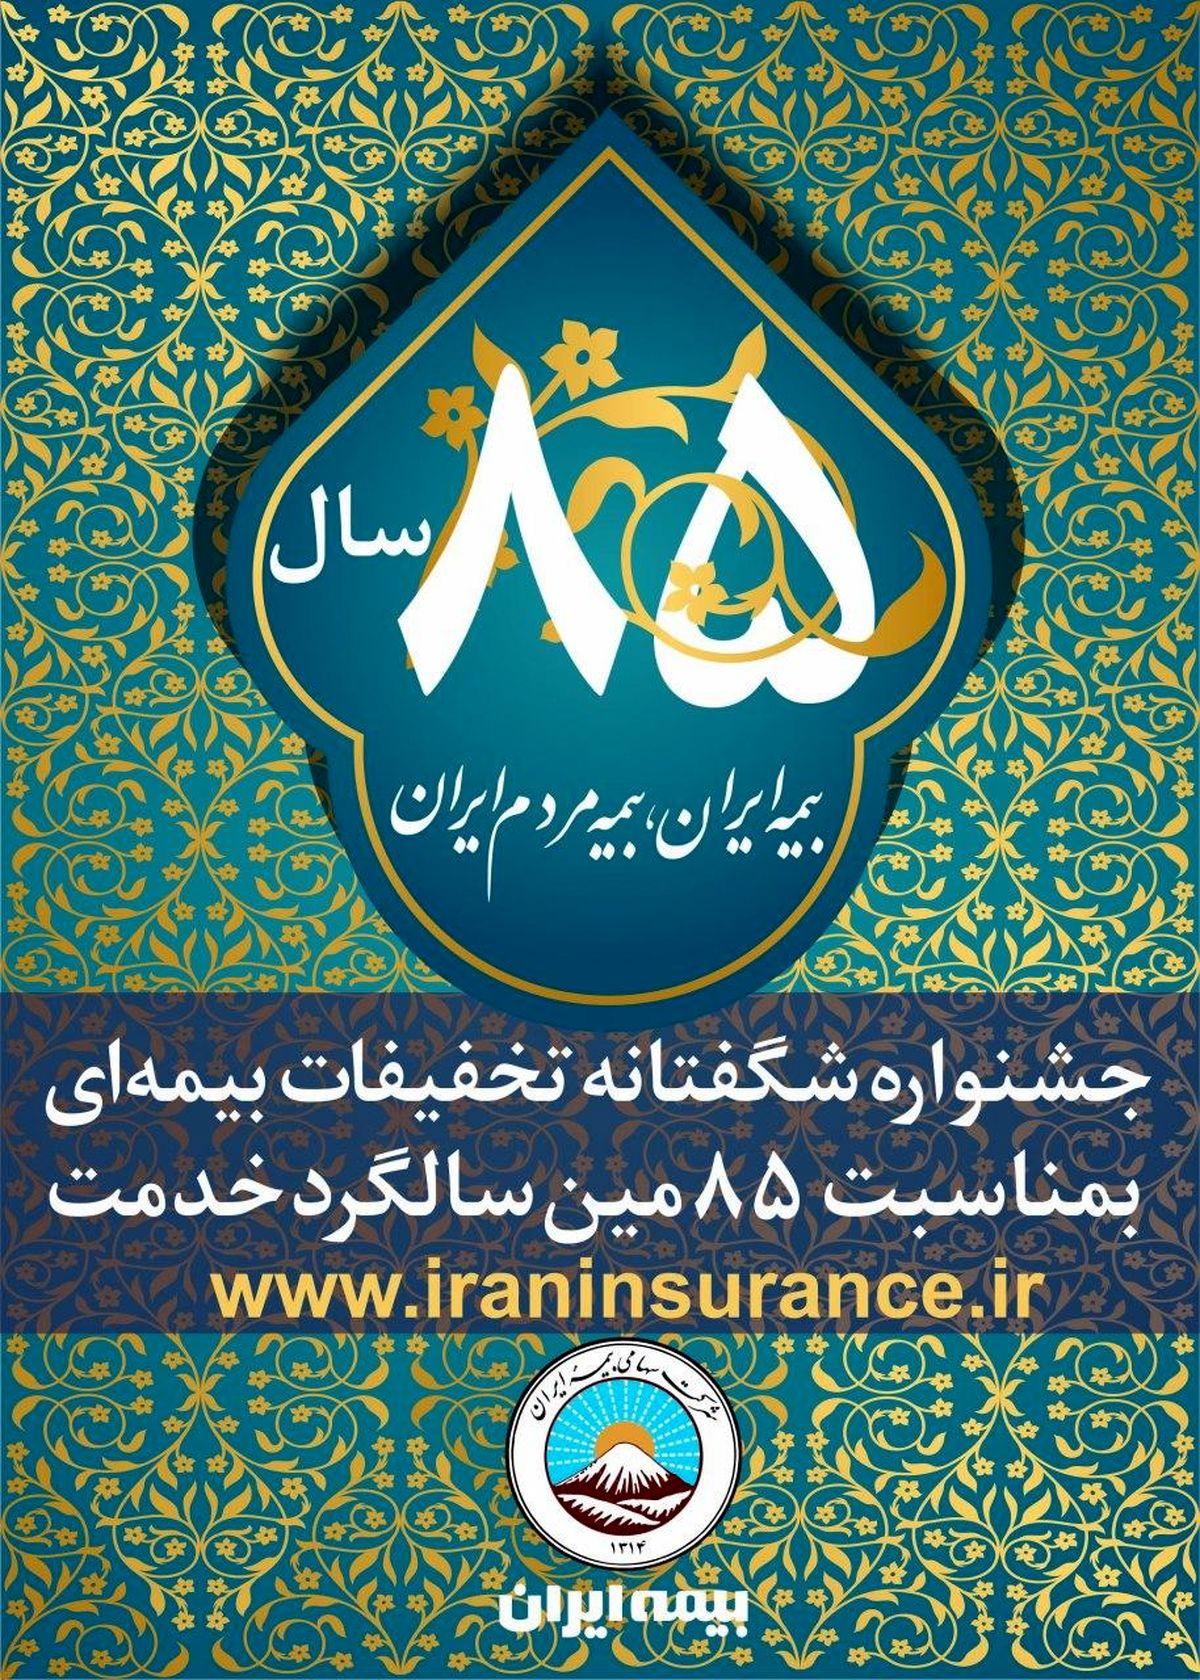 جشنواره بزرگ فروش بیمه ایران همراه با جوایز ارزنده